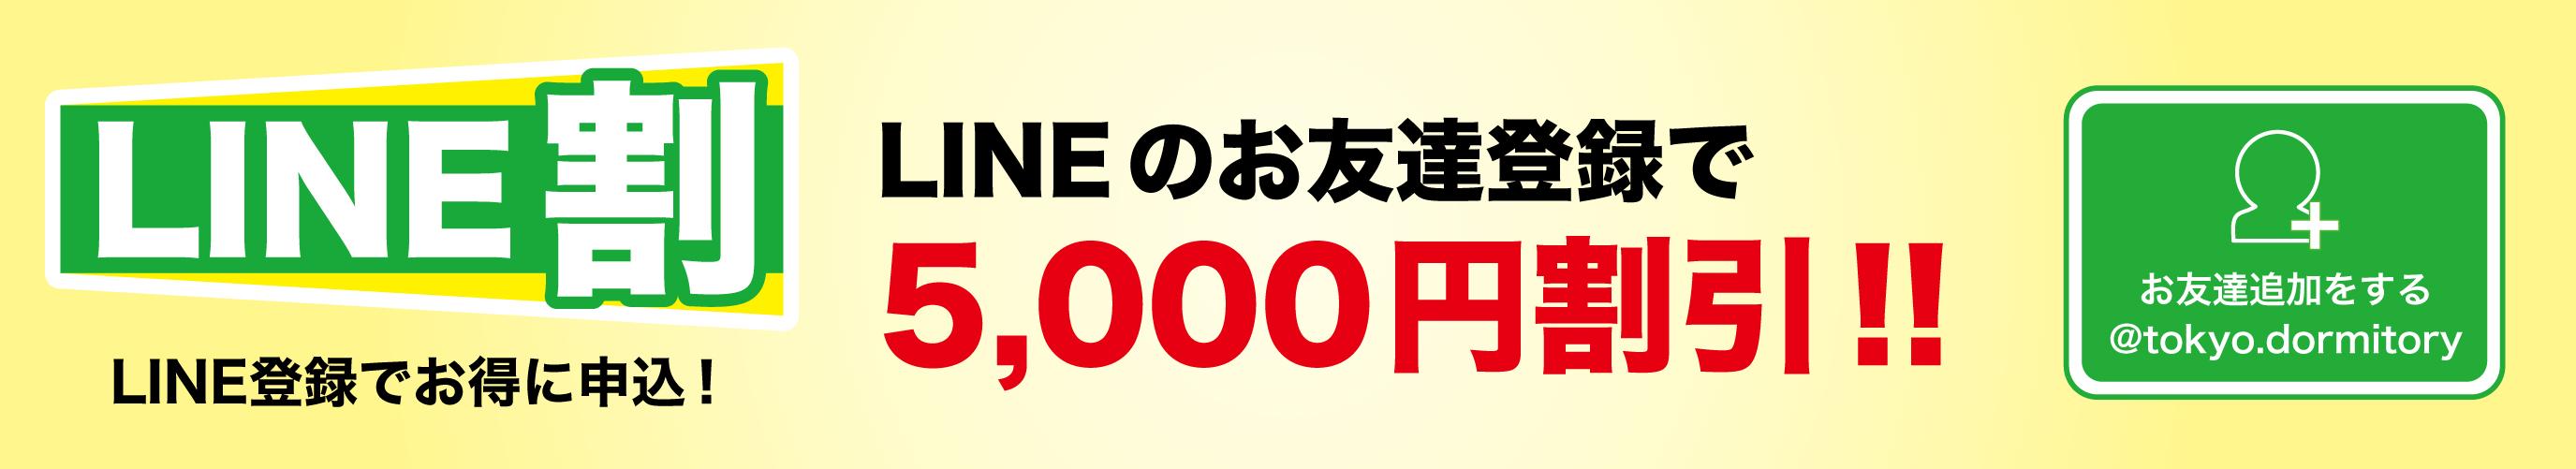 LINEでお友達追加後、ご入館をお申し込みされると5,000円割引でお得です!!